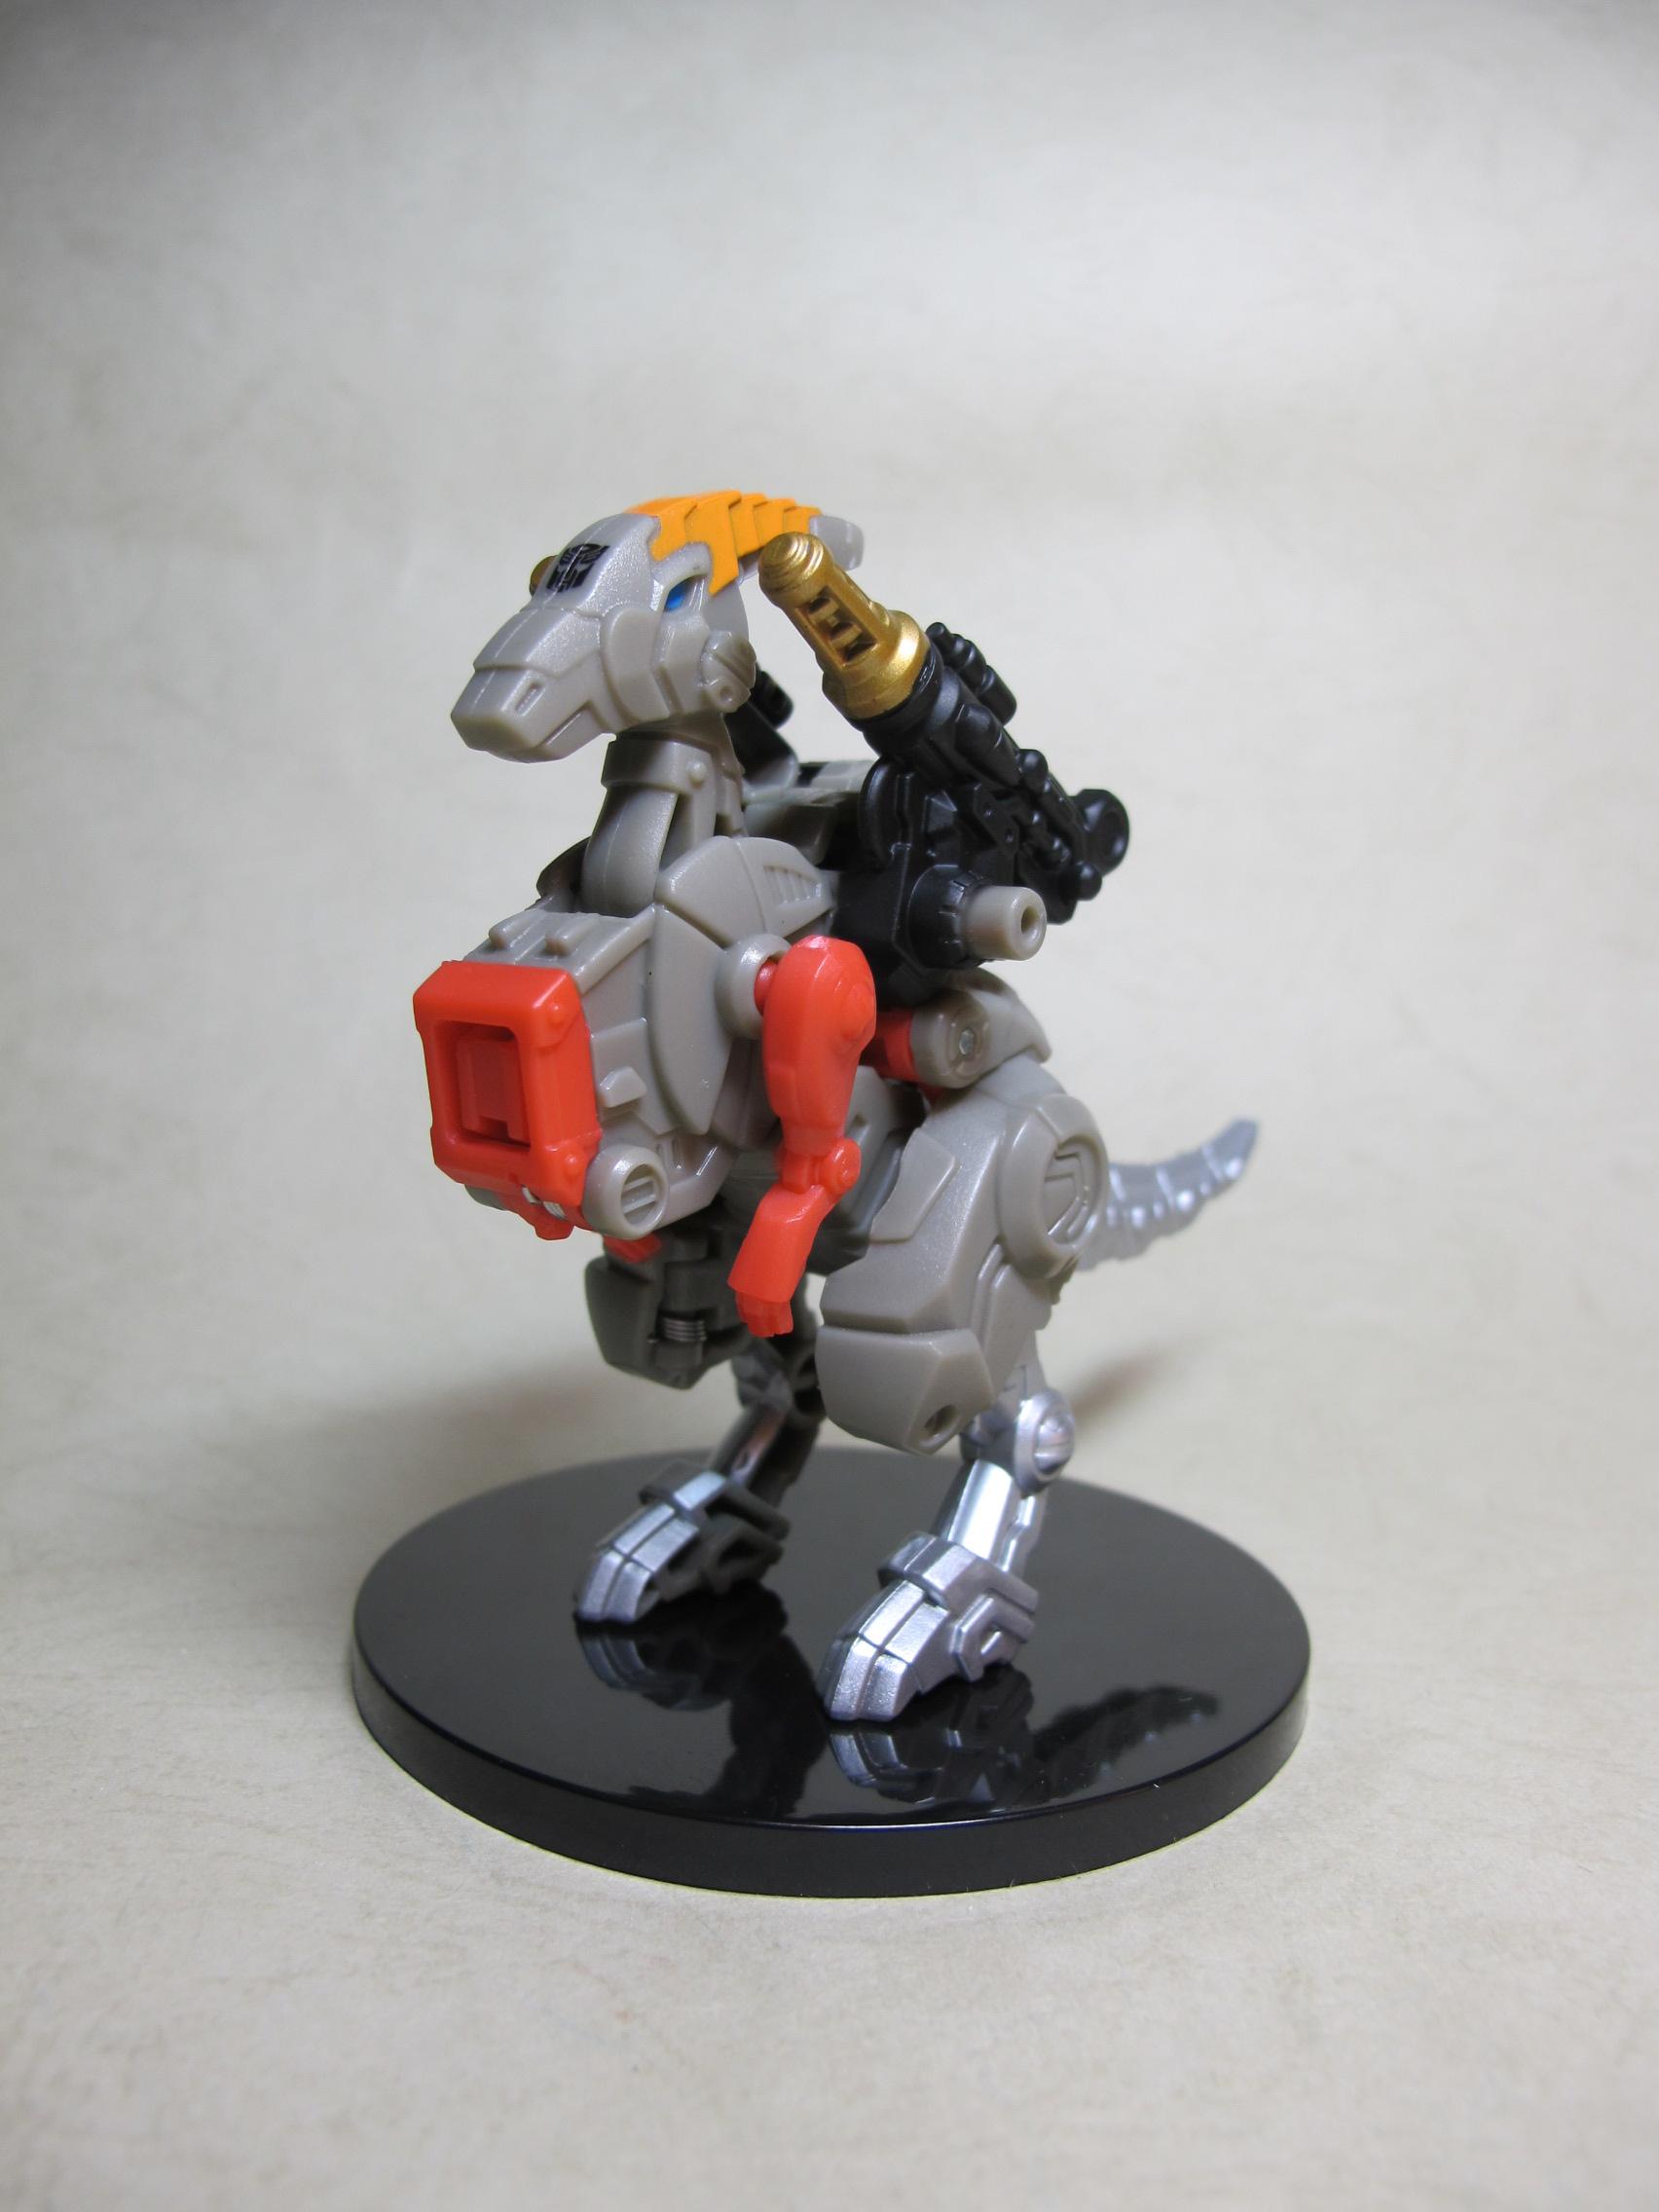 变形金刚 恐龙组合 变形金刚玩具钢索 淤泥等那五只恐龙能高清图片